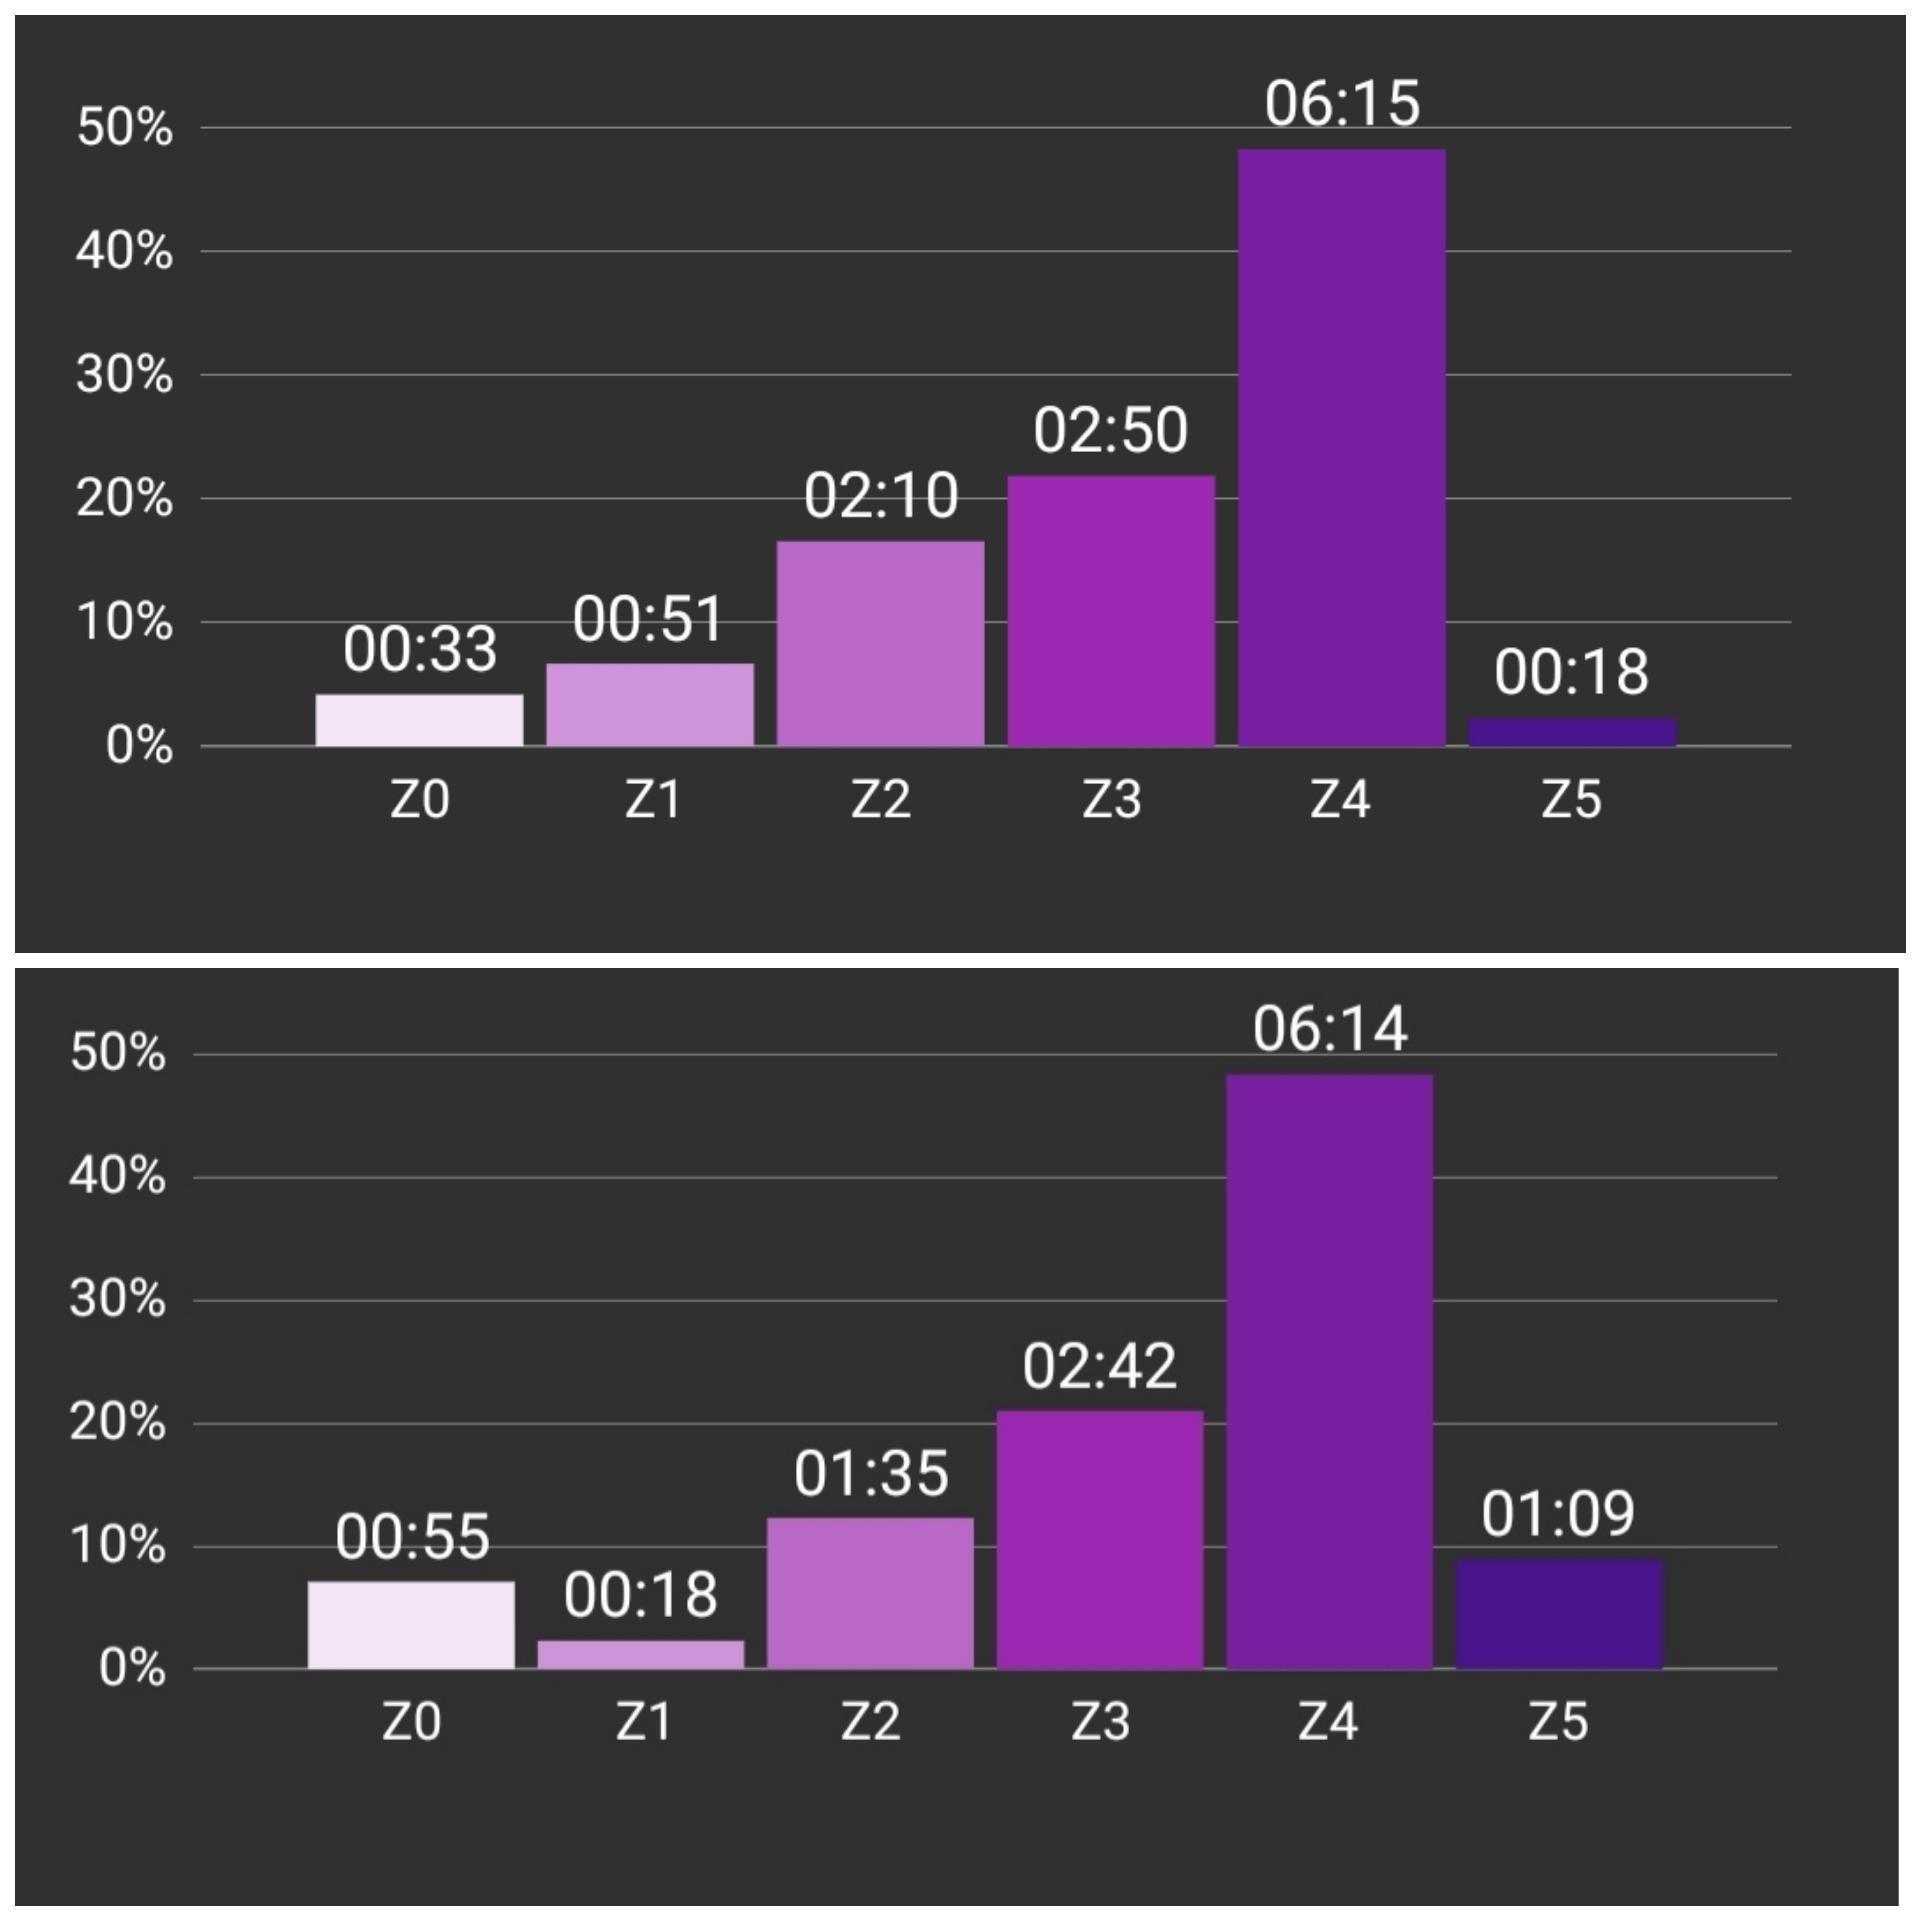 Štúdia o vplyve doplnku pH Balance na športový výkon - nižšia maximálna tepová frekvencia, nižšia priemerná tepová frekvencia a kratší čas strávený vo vysokej intenzite